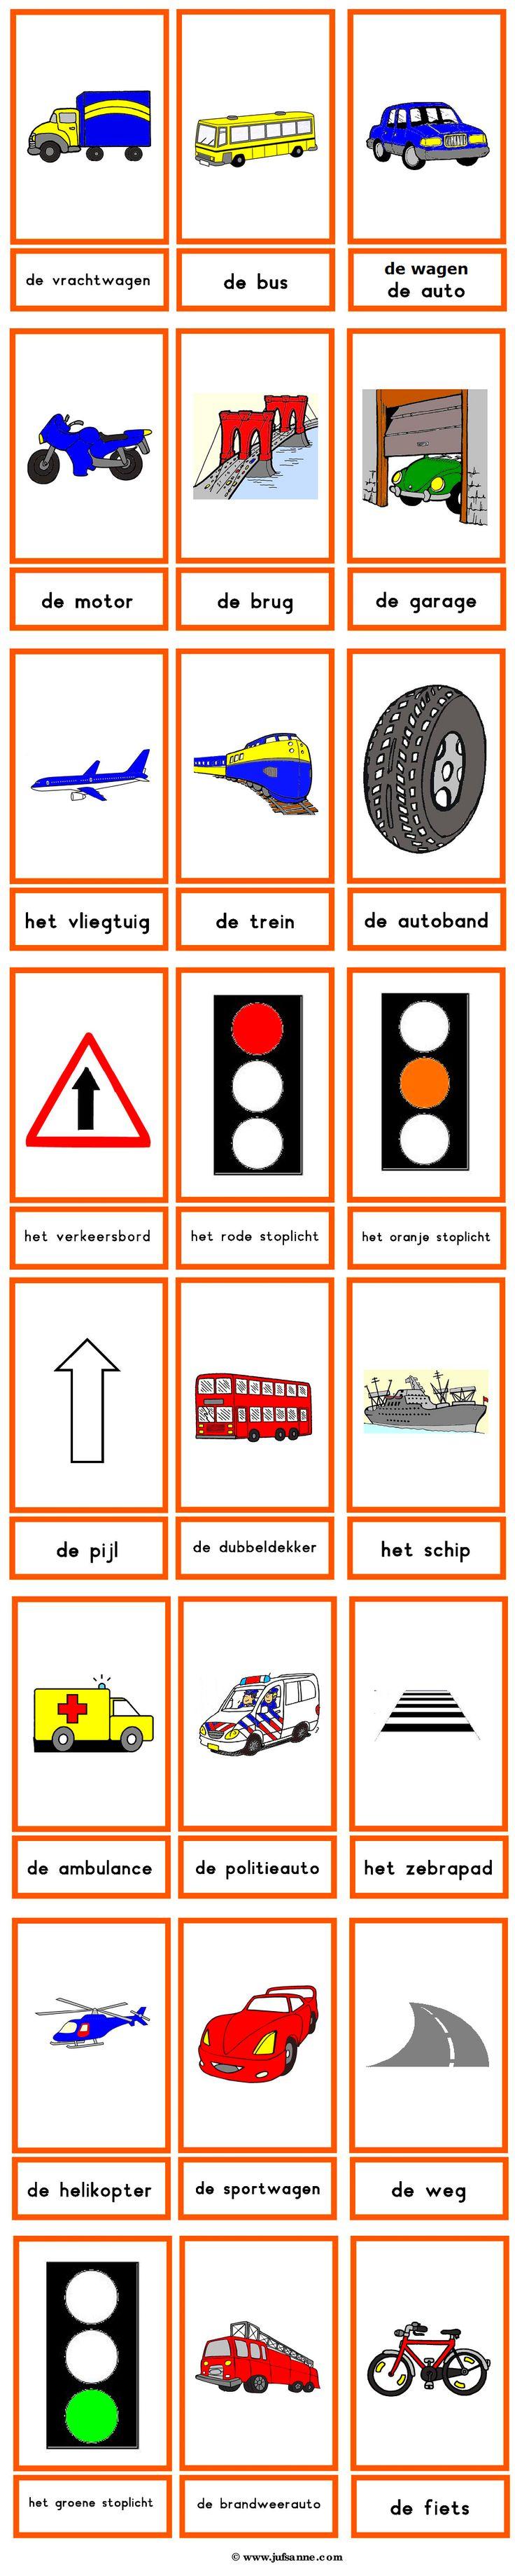 Woordkaarten : verkeer en vervoermiddelen